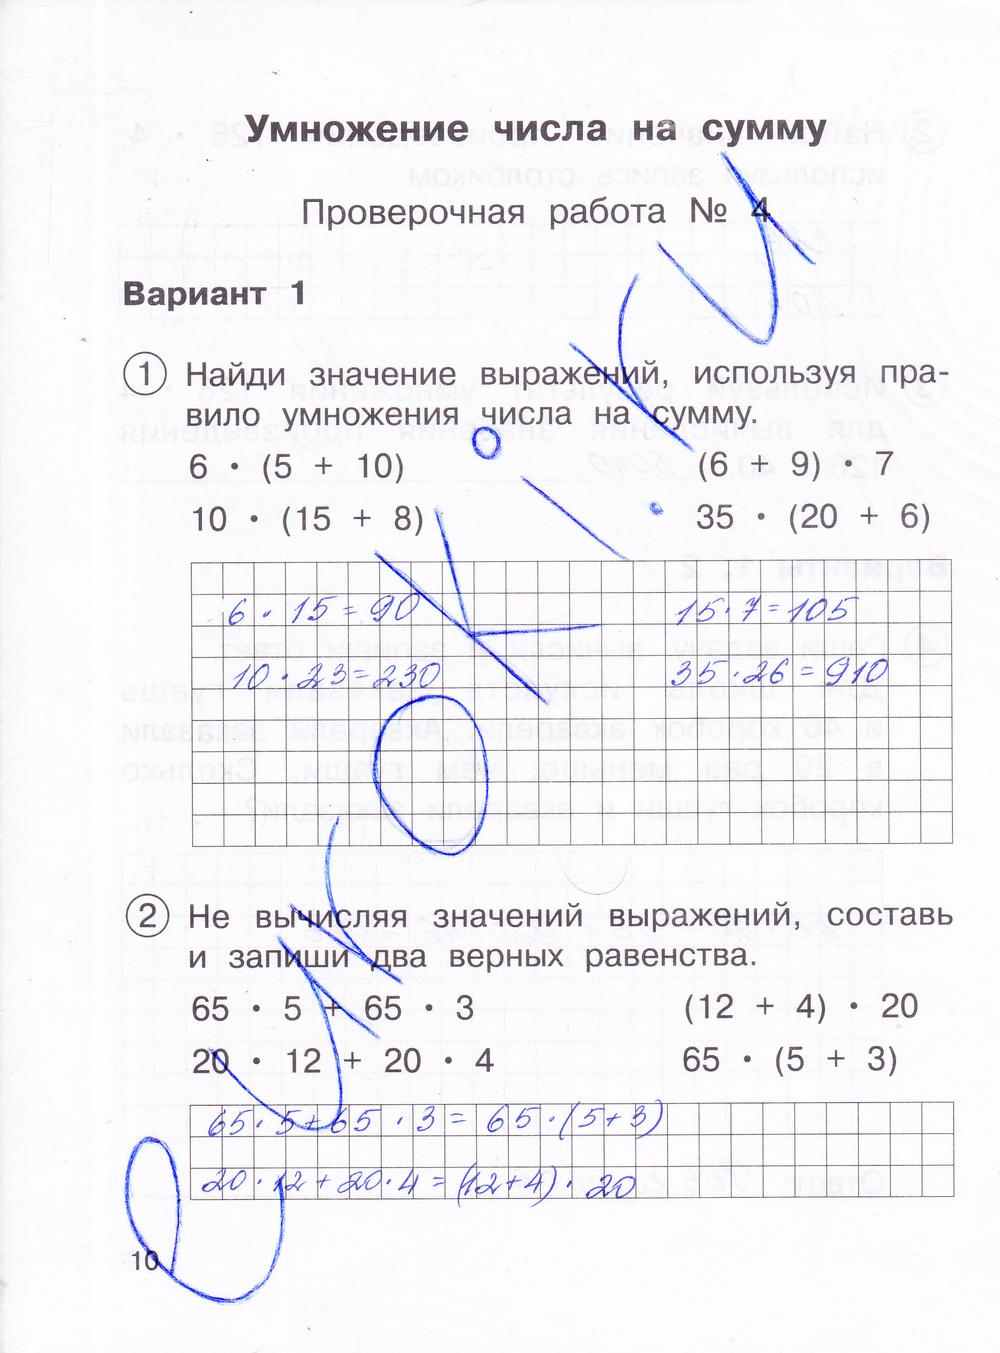 Гдз по математике 3 класс чуракова для проверочных и контрольных работ